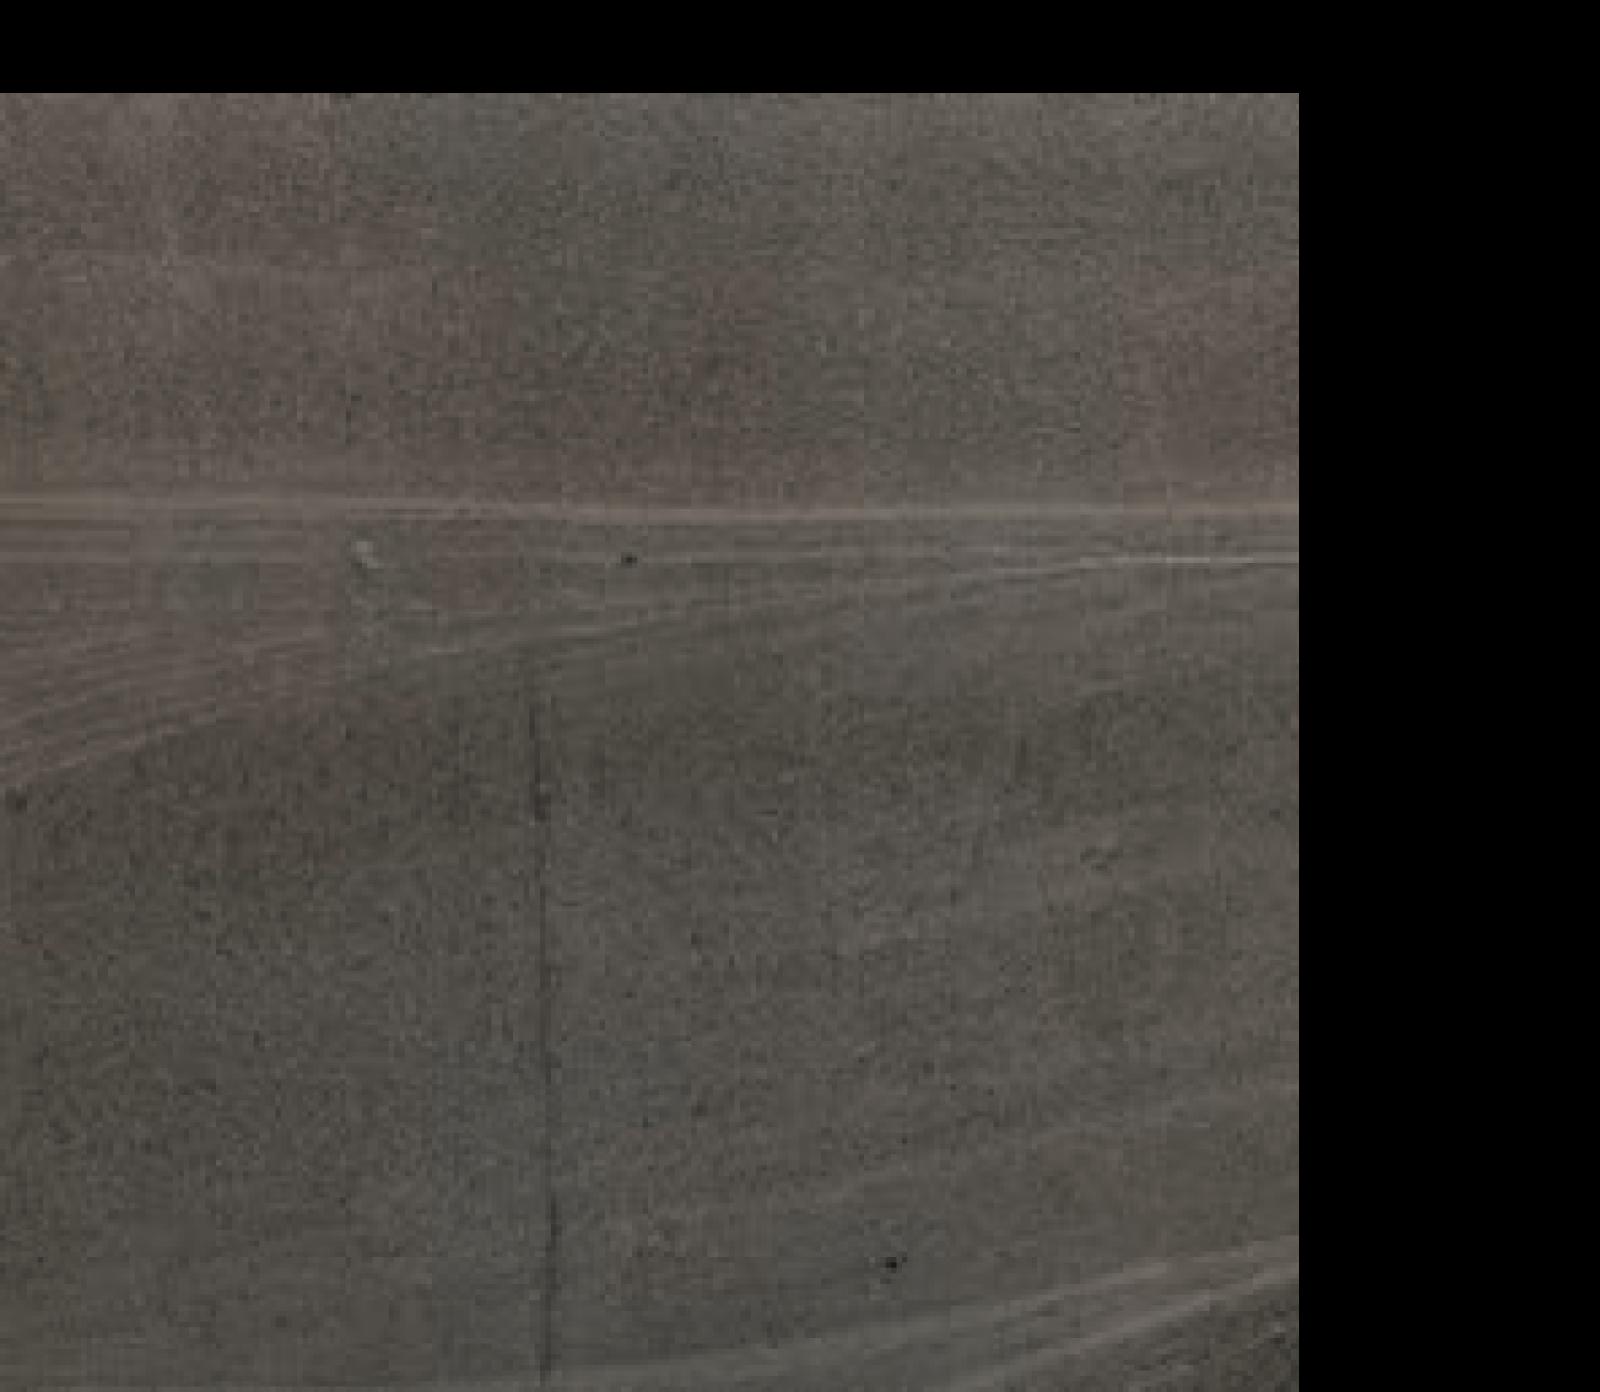 SADR24P Sands Dark Polished 24 x 24